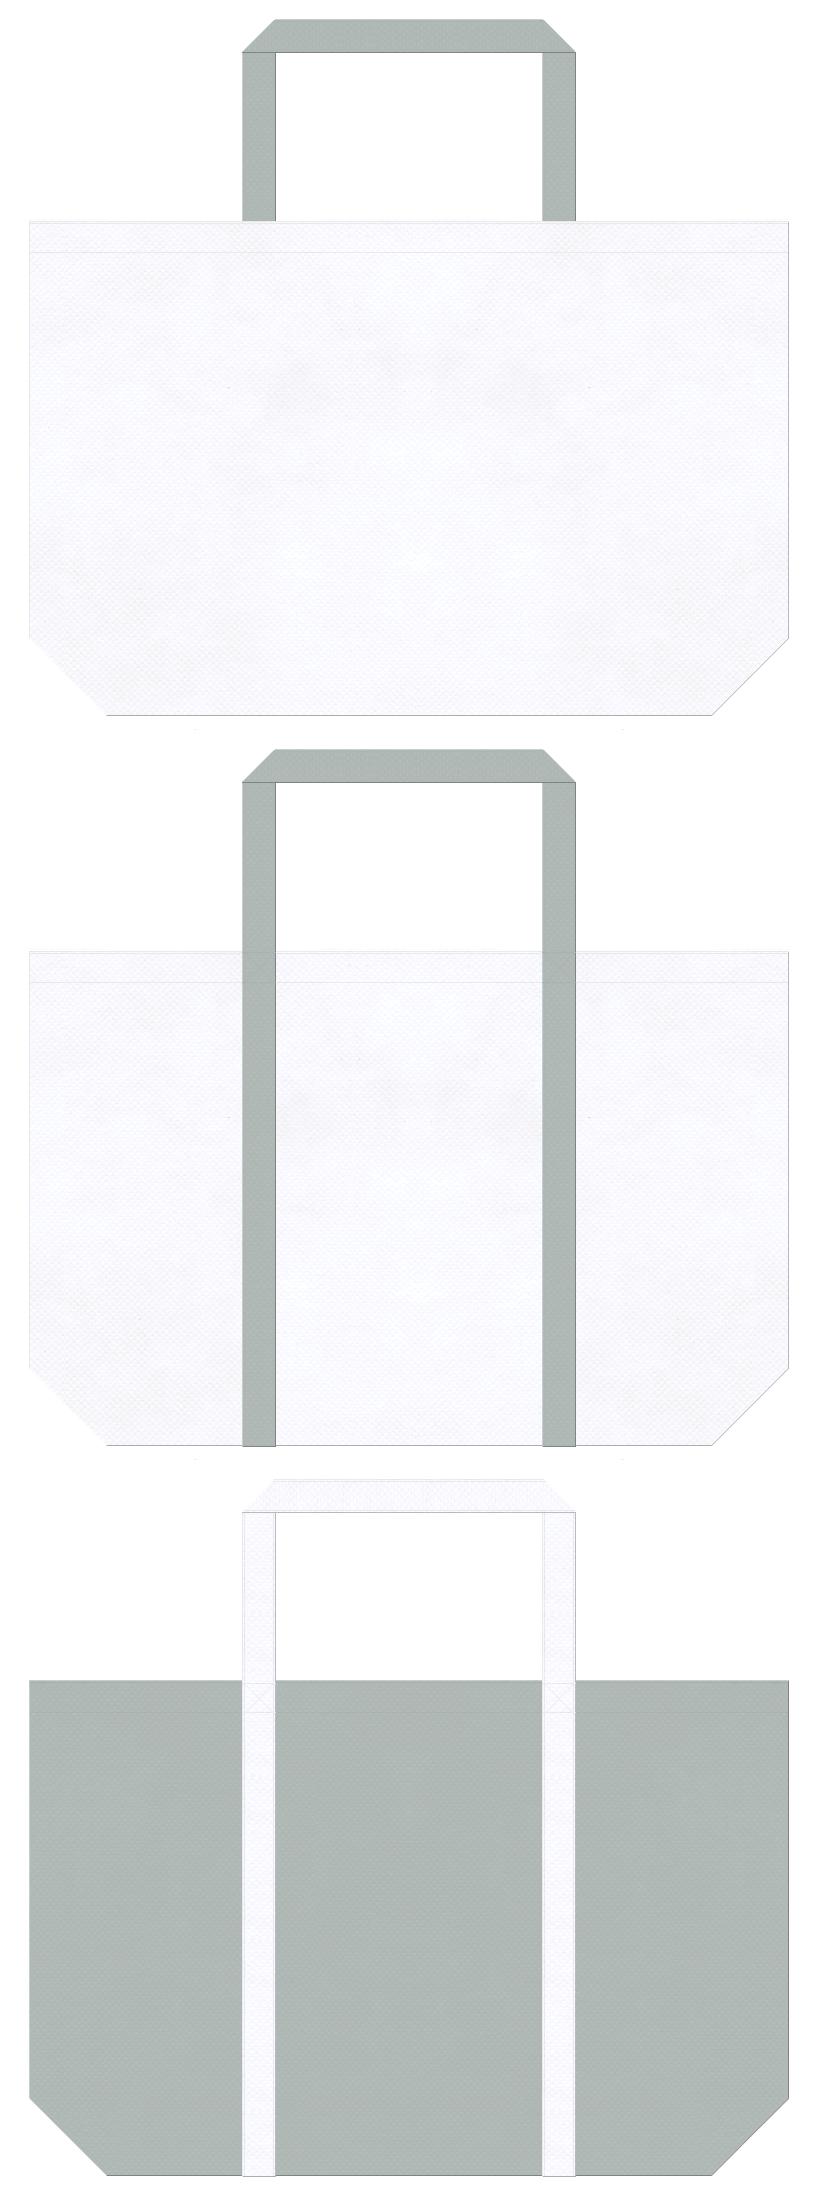 理学部・工学部・法学部・学校・学園・オープンキャンパス・スポーツイベント・文具・製図・設計・什器・事務服・事務用品・ロボット・アルミサッシ・金属・コンクリート・建築イベント・業務用冷蔵庫・クーラー・カー用品の展示会用バッグにお奨めの不織布バッグデザイン:白色とグレー色のコーデ